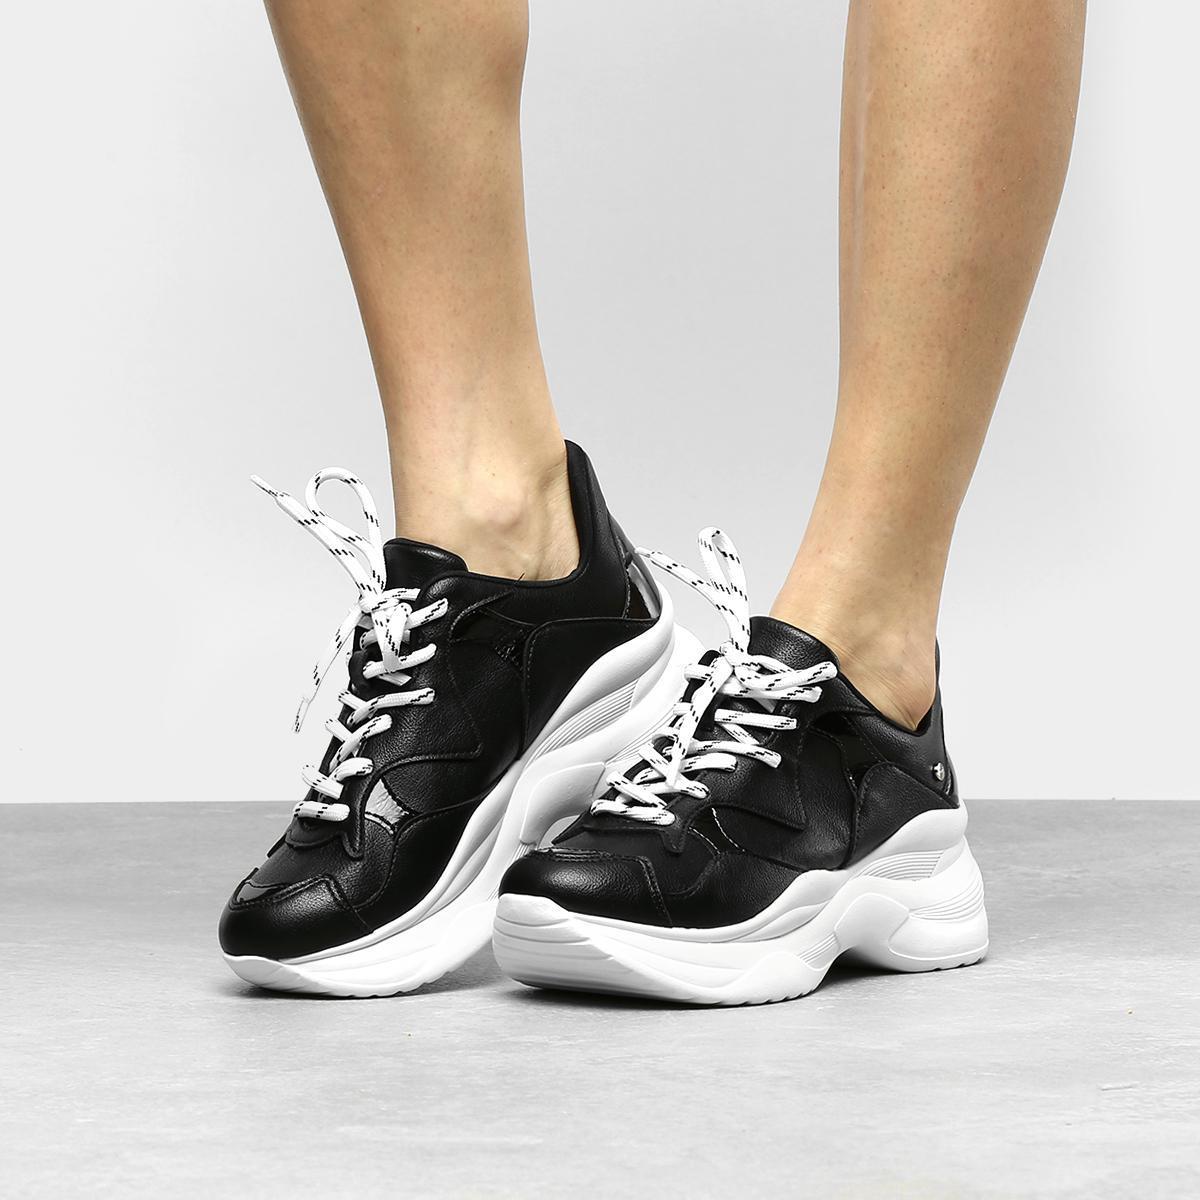 f997a1cd0 Tênis Tanara Chunky Sneaker Feminino R$ 239,99 à vista. Adicionar à sacola